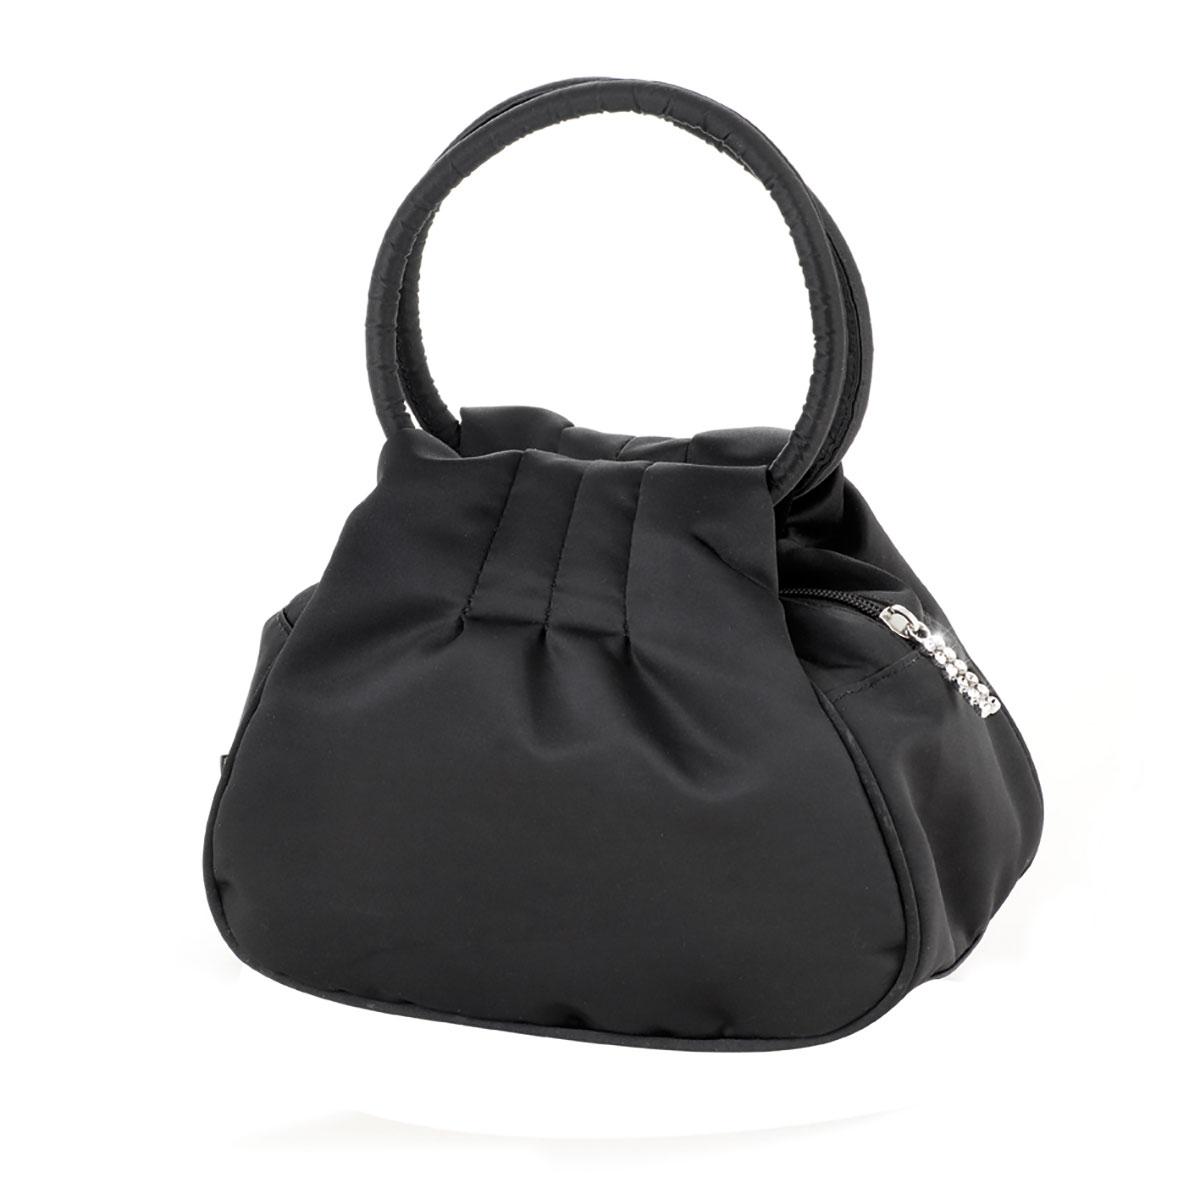 کیف دستی چرم مدل اندام (مشکی)